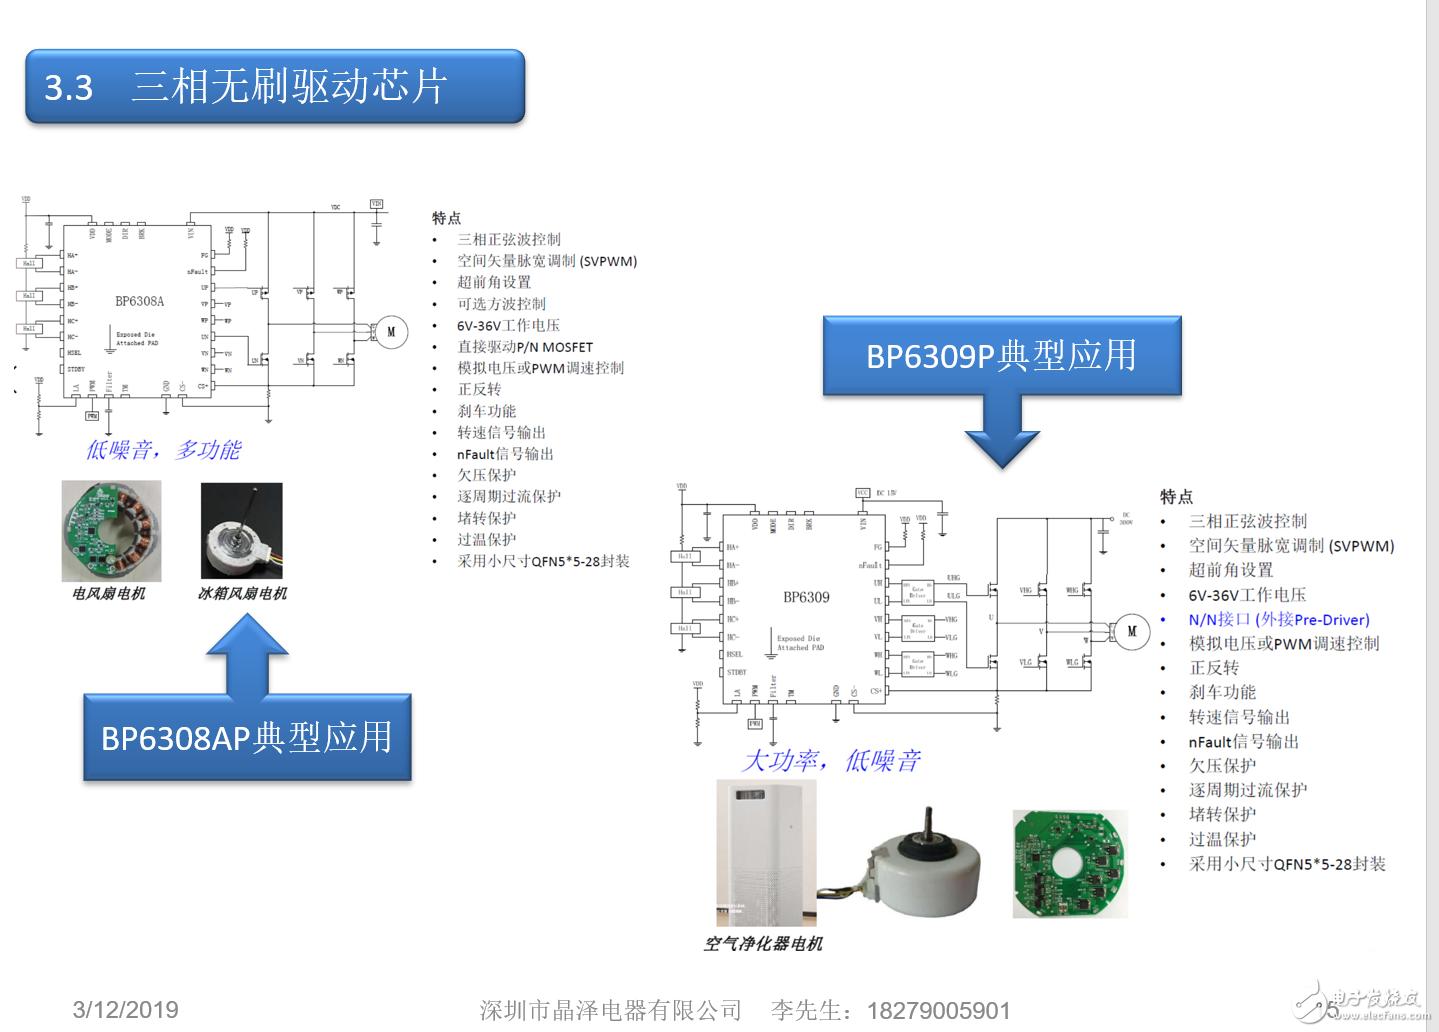 無刷電機驅動芯片,方案資料簡介